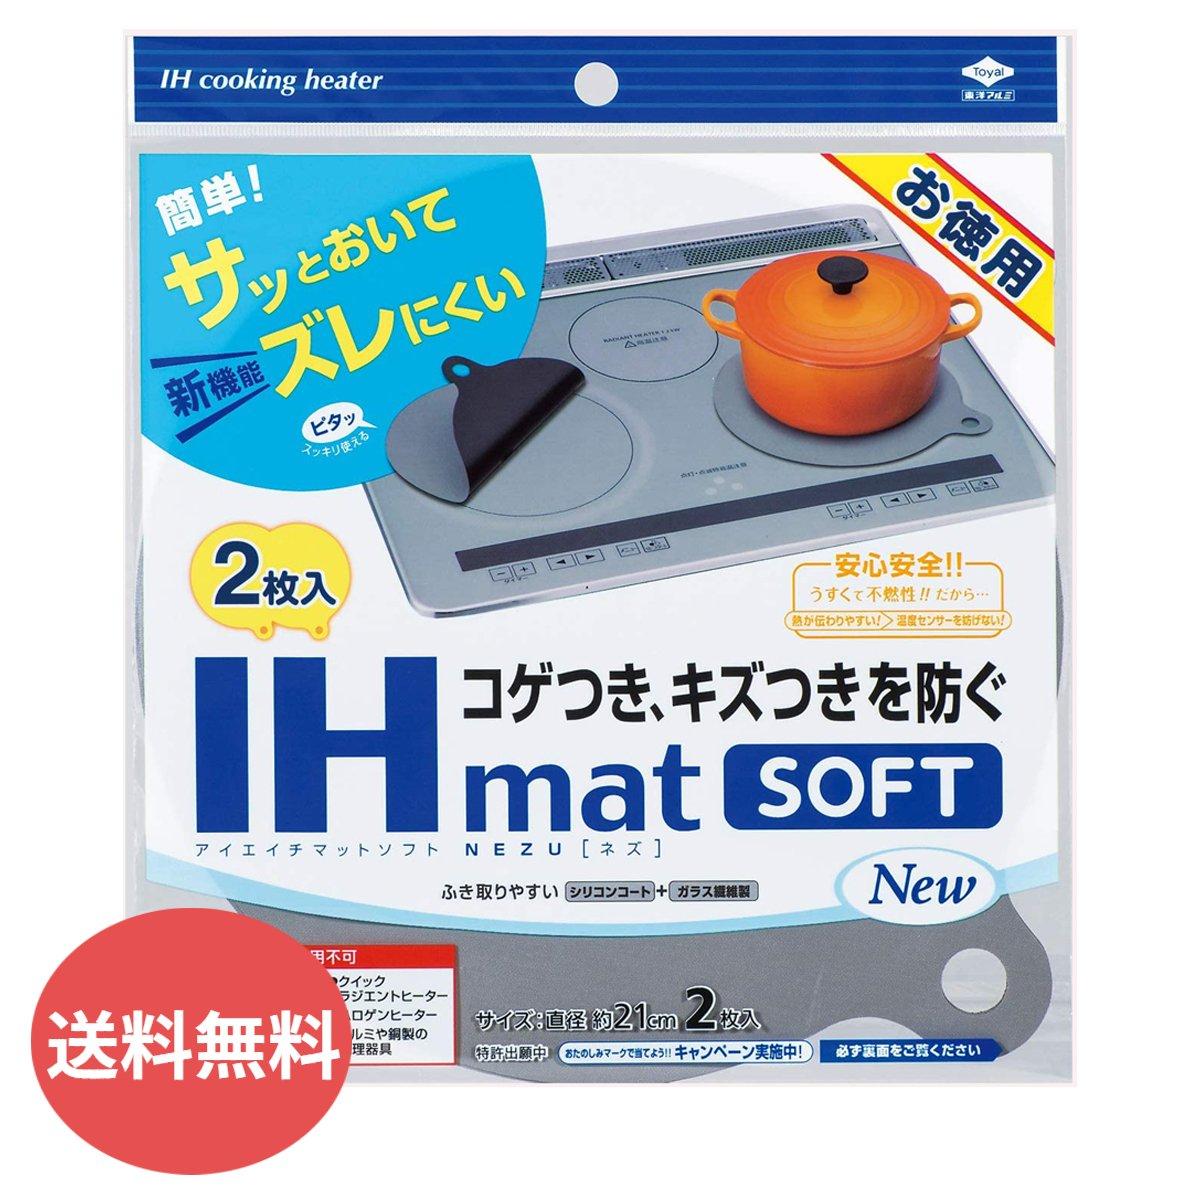 IH シリコンマット 簡単 置くだけ 油汚れ 天板 送料無料 東洋アルミ IHマット 市販 SOFT シリコン コゲ NEZU New マット 捧呈 汚れ 2枚入 キズ IHコンロ